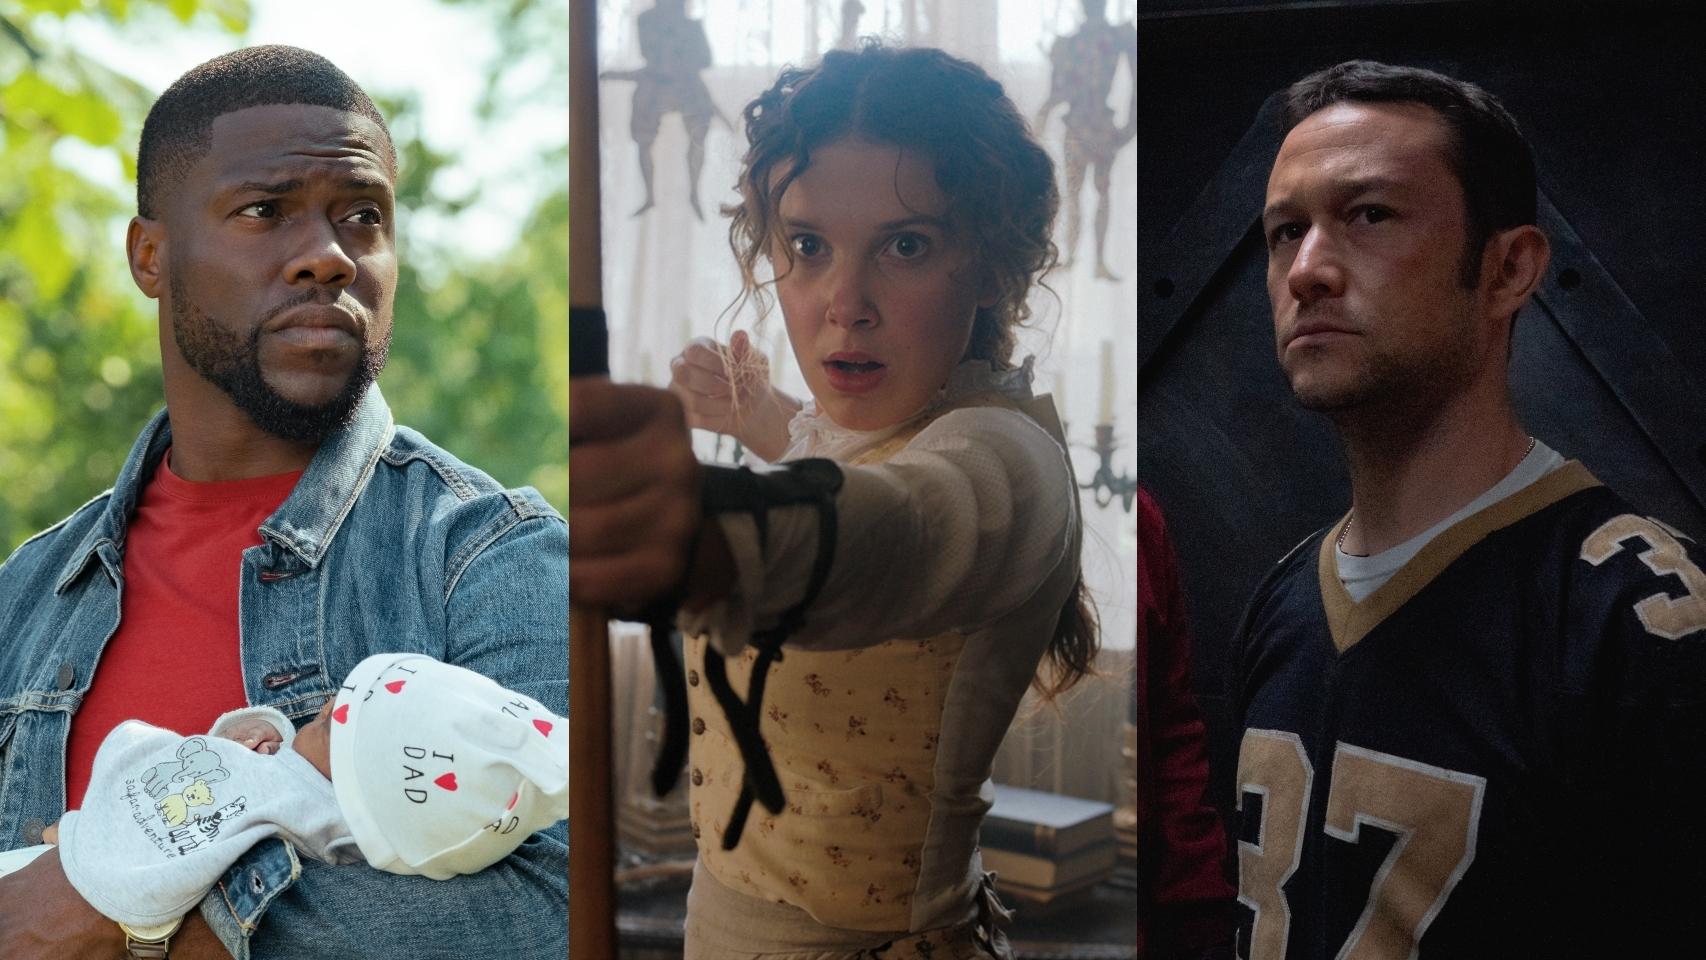 Las 10 películas más vistas de la historia de Netflix